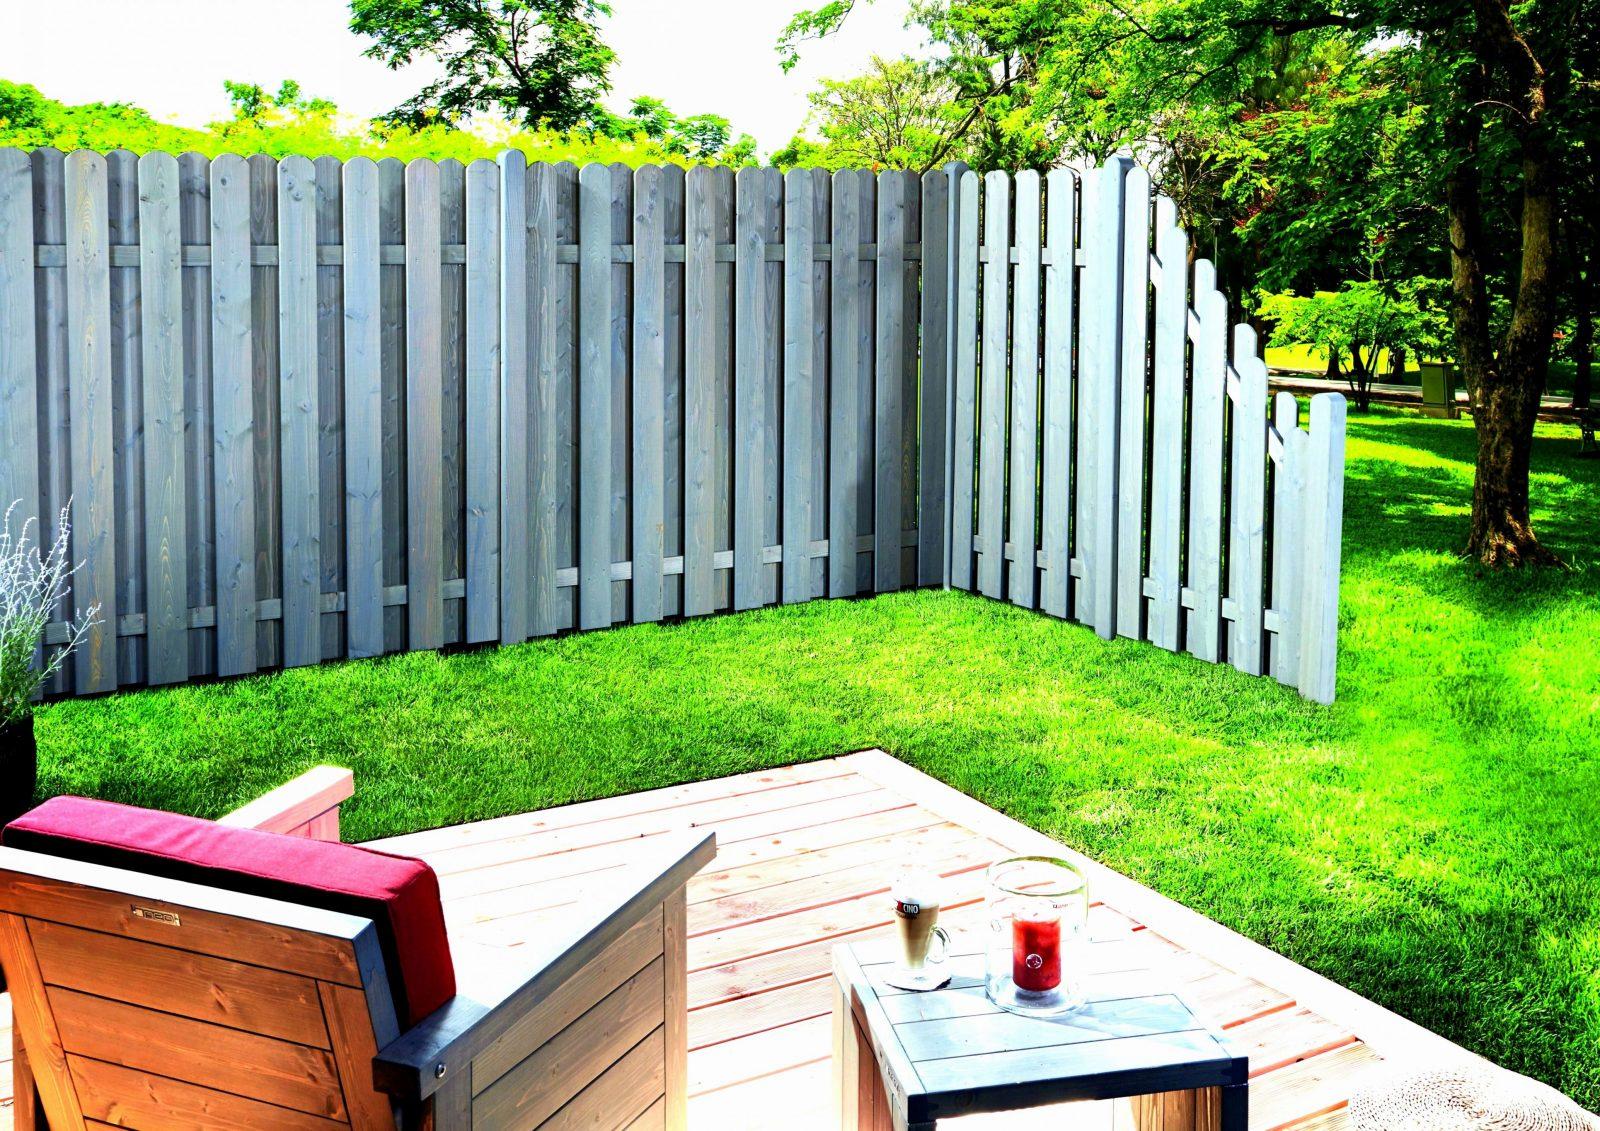 Sichtschutz Zum Nachbarn Ideen Luxus Frisch Sichtschutz Im Garten von Sichtschutz Zum Nachbarn Ideen Bild